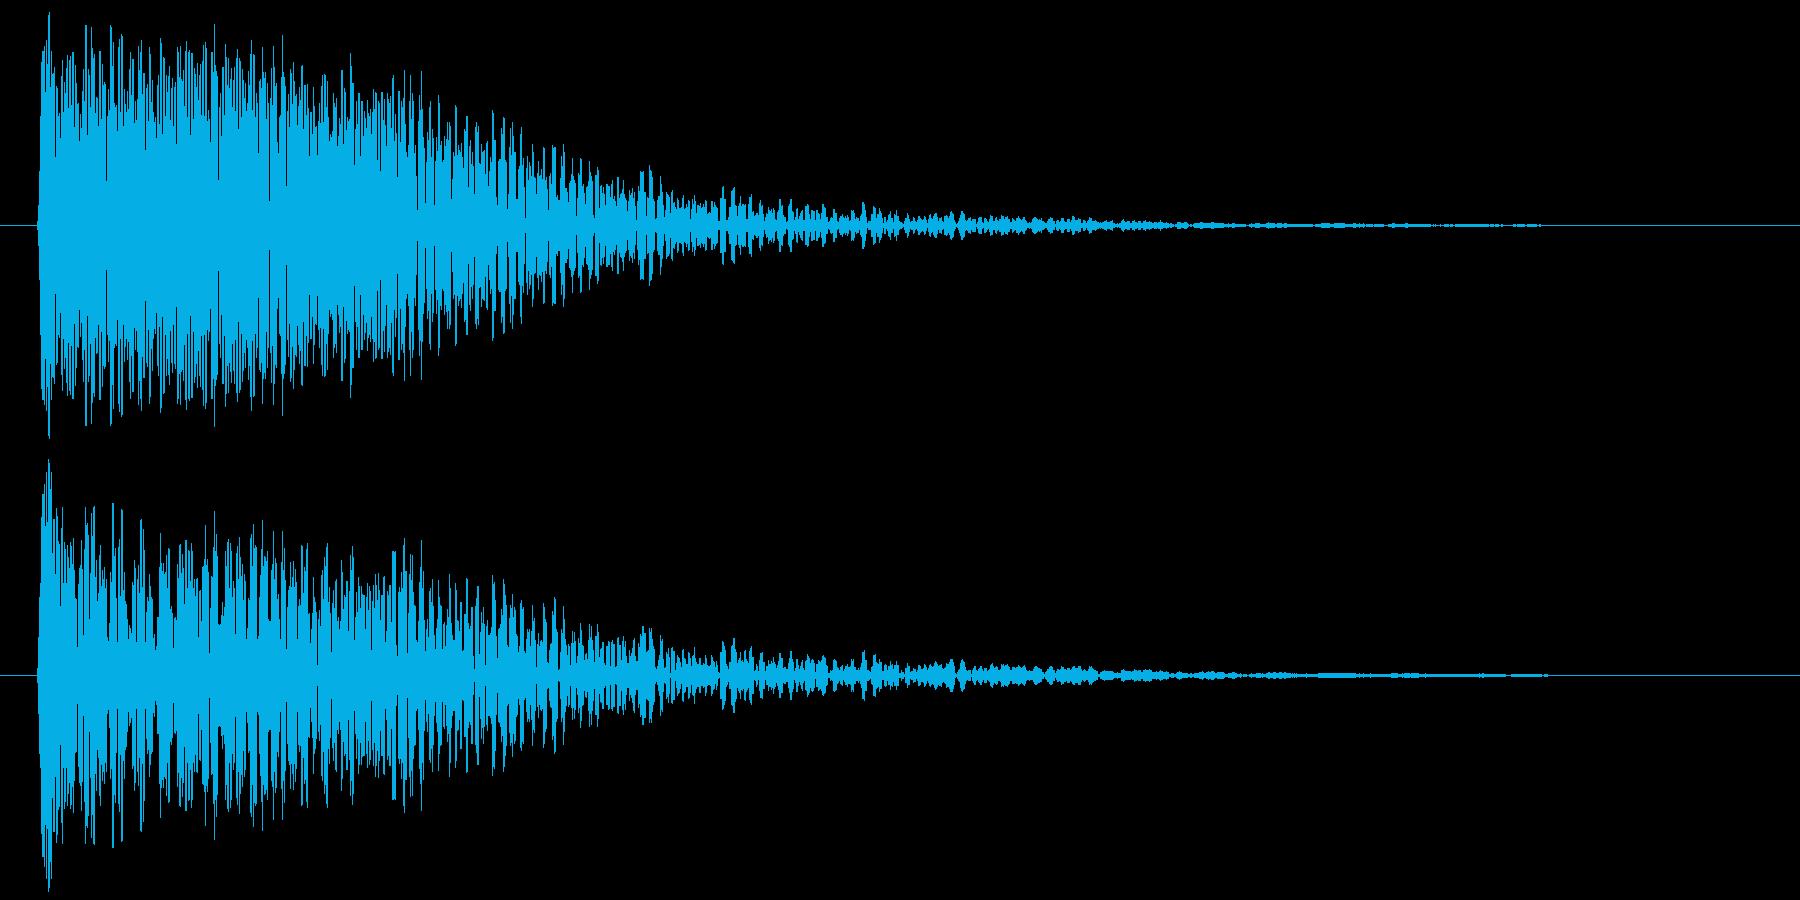 恐怖音2の再生済みの波形